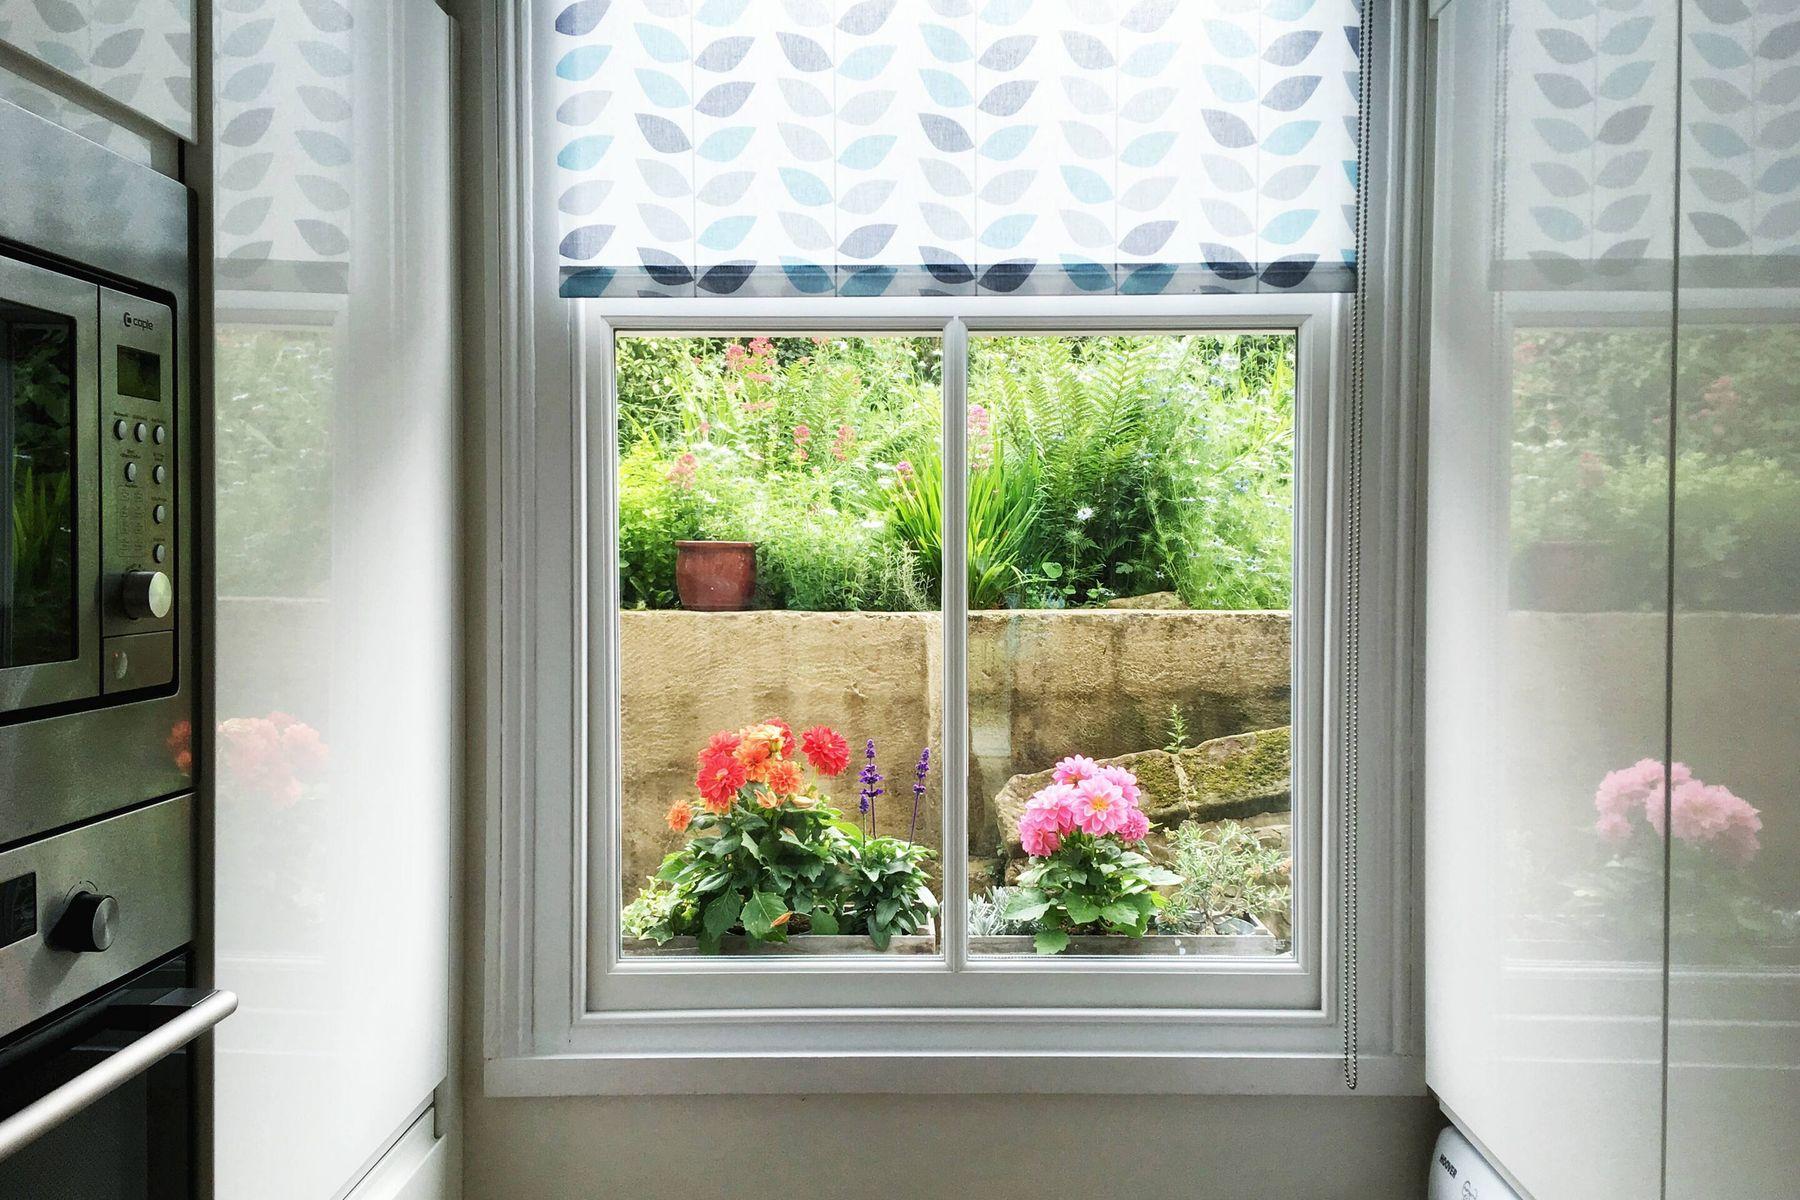 malá kuchyň se skleněným oknem do zahrady